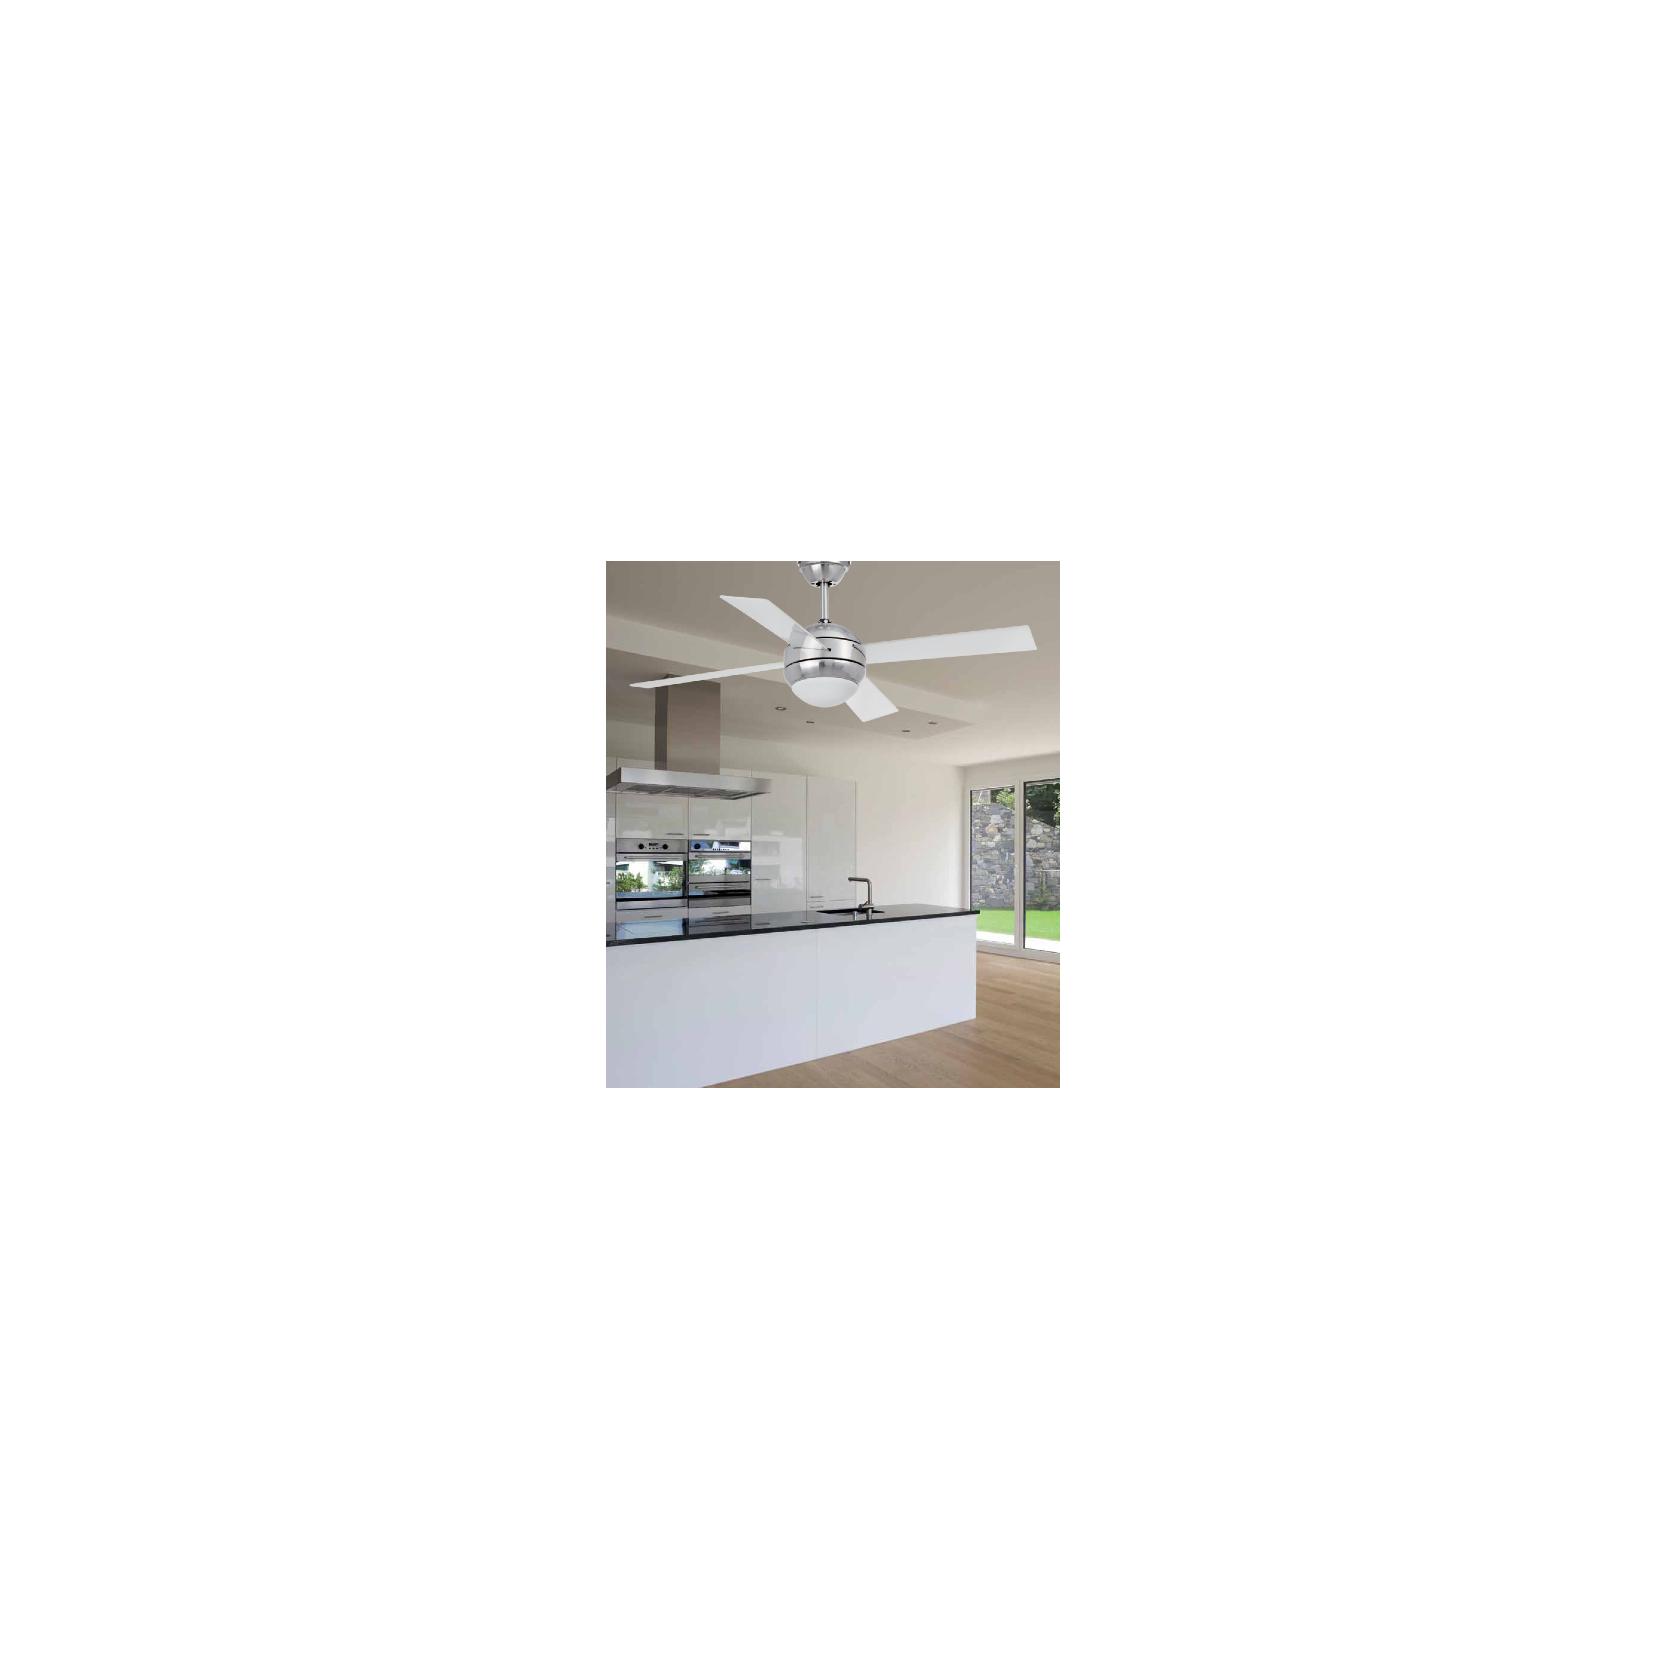 Ventilatore moderno 4 pale silenzioso moderno for Ventilatore da soffitto silenzioso